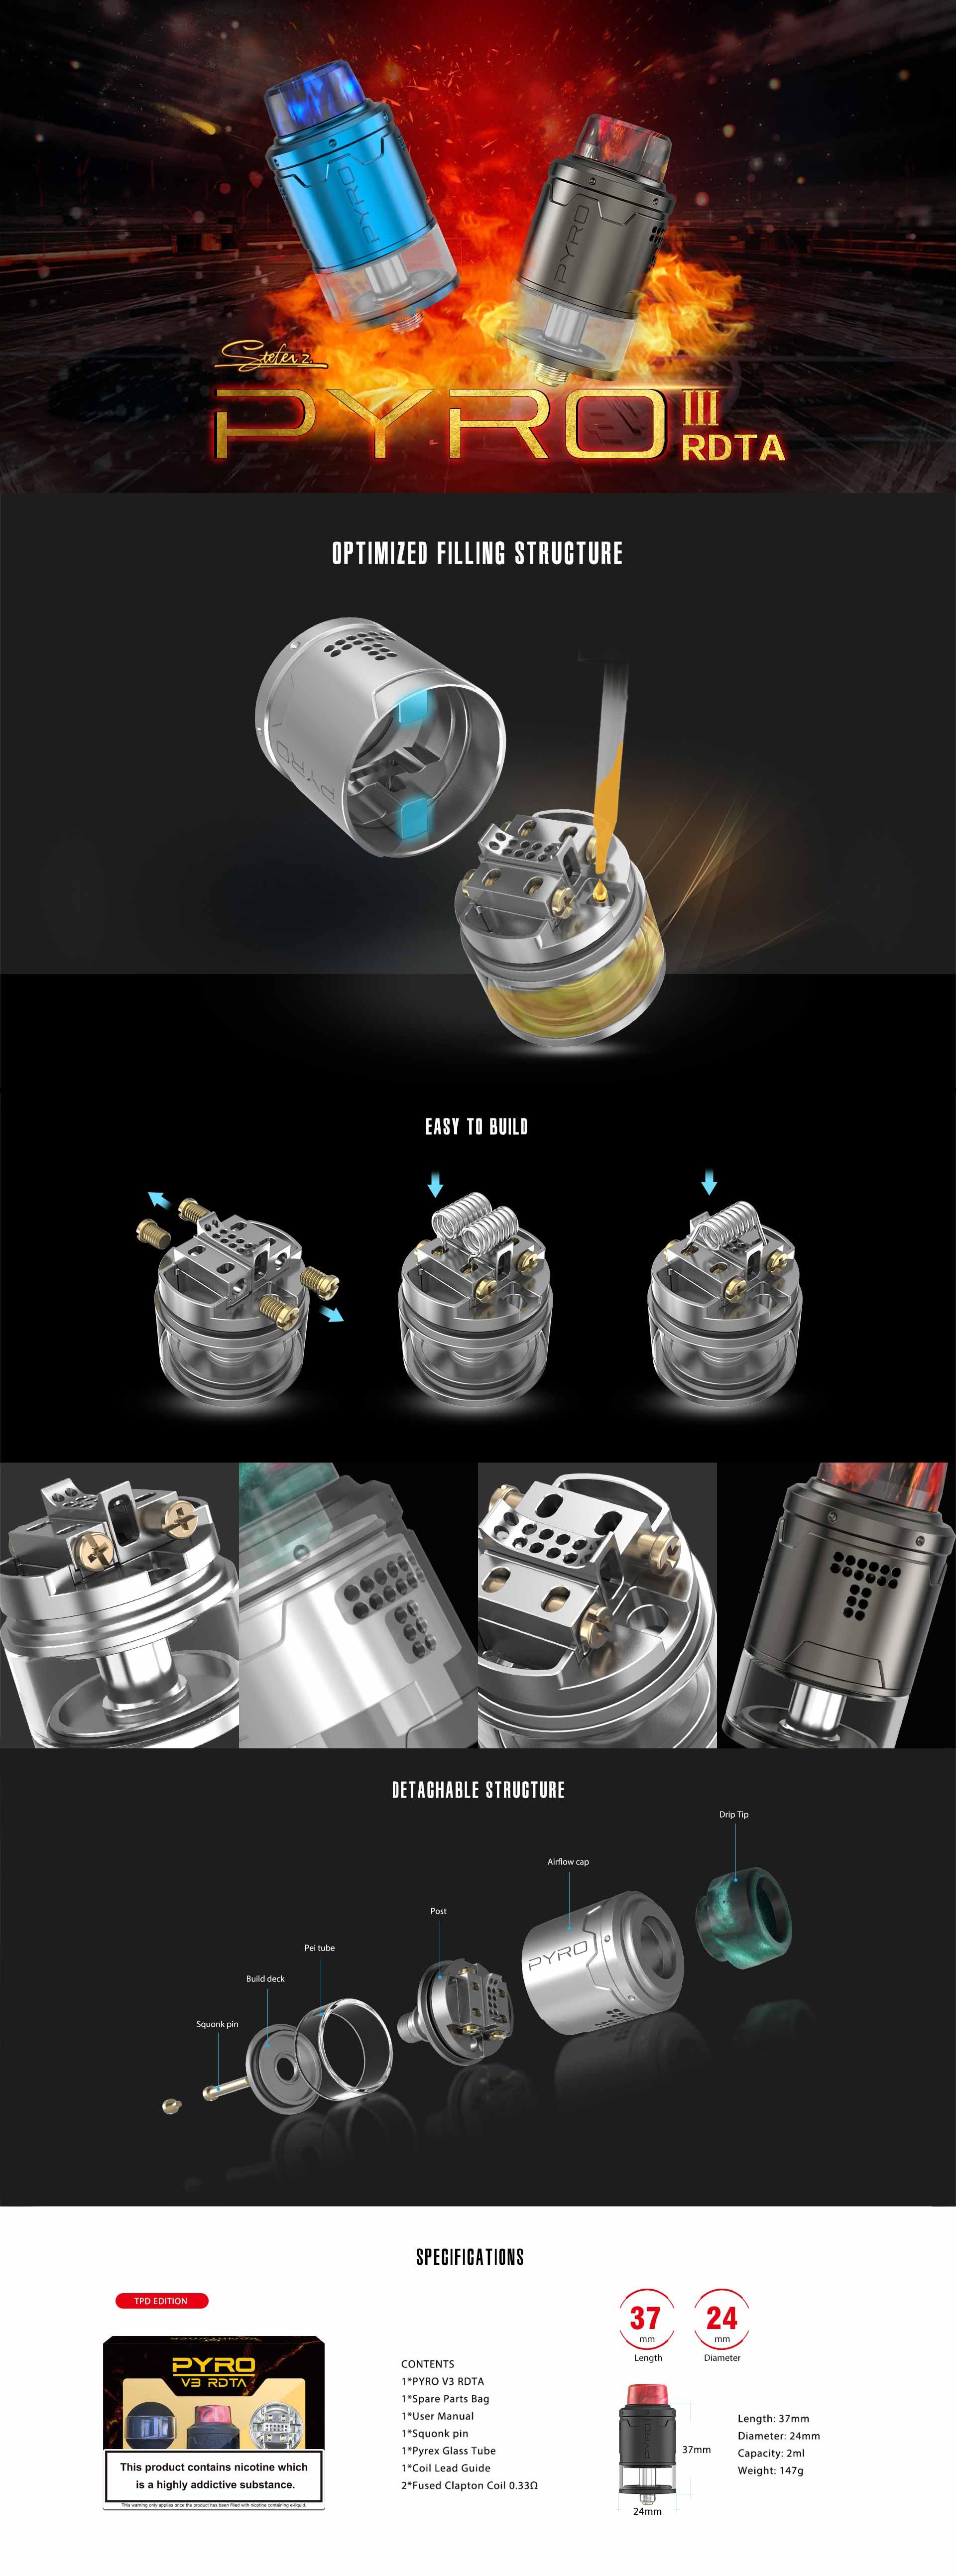 Vandy Vape Pyro V3 BF RDTA características